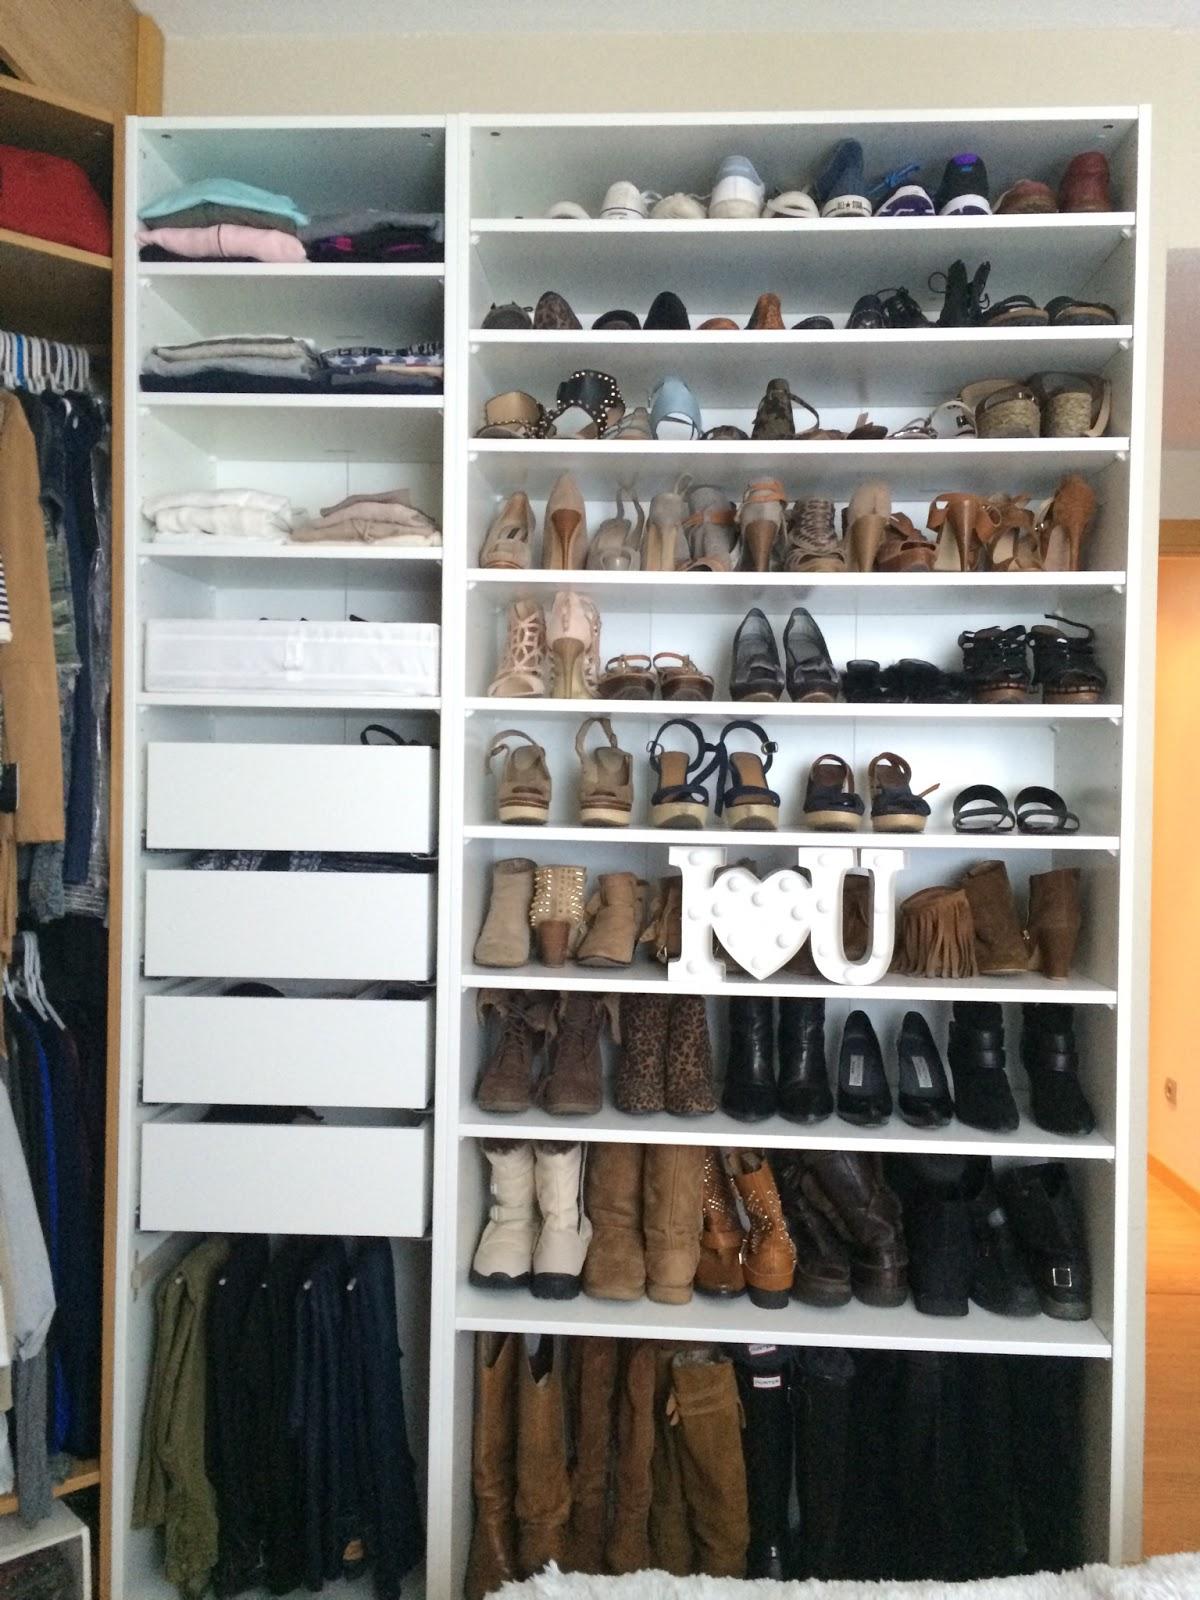 De armario a vestidor s l o a n e s t r e e t - Ikea armario zapatero ...